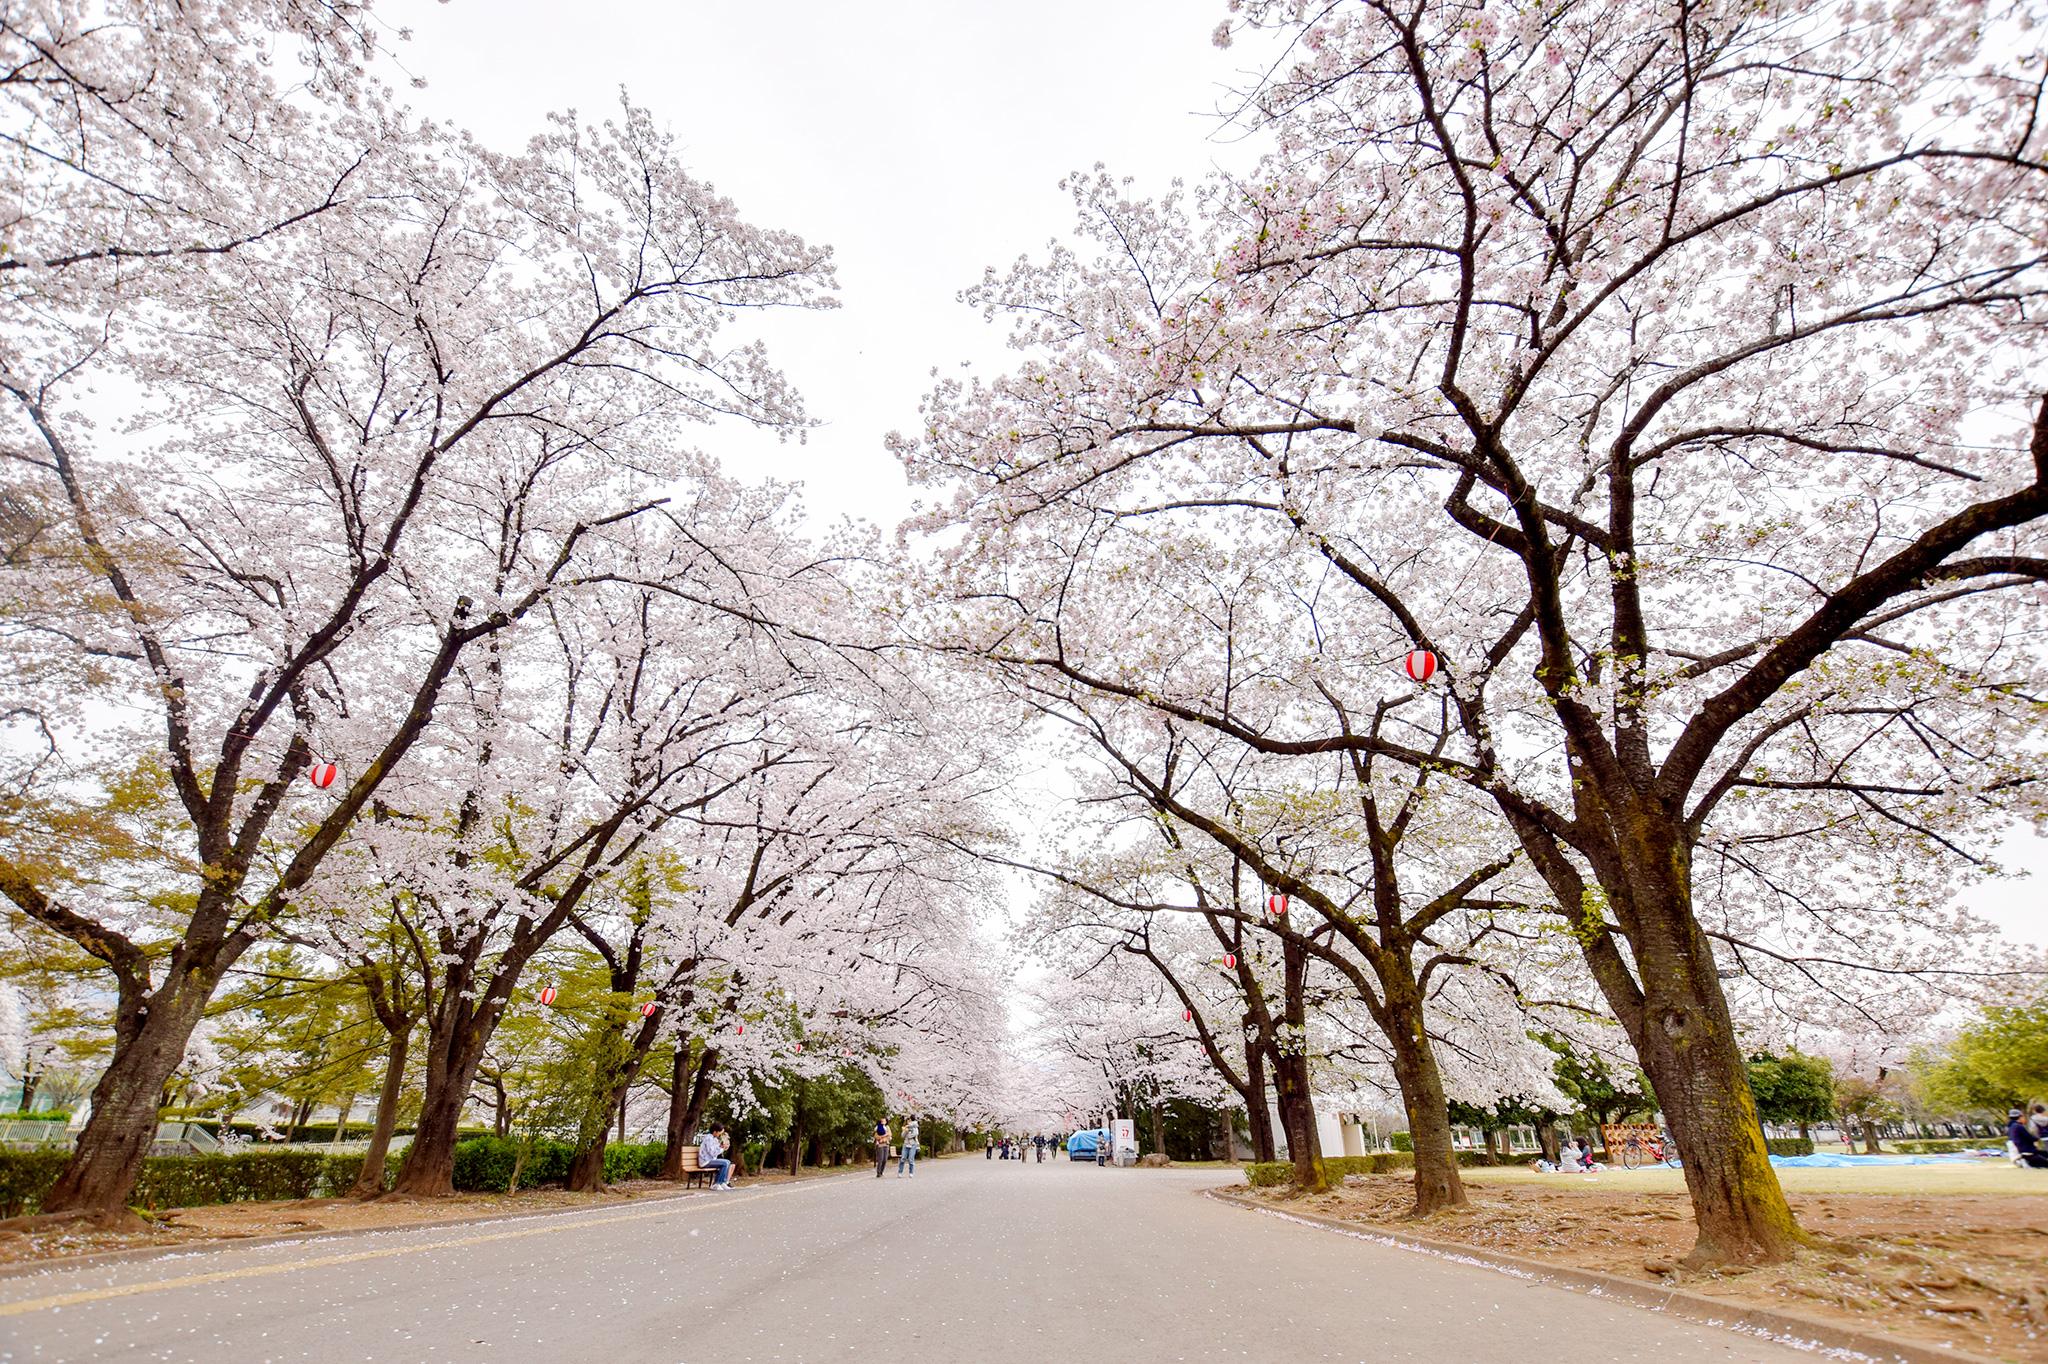 小瀬スポーツ公園の桜 写真2